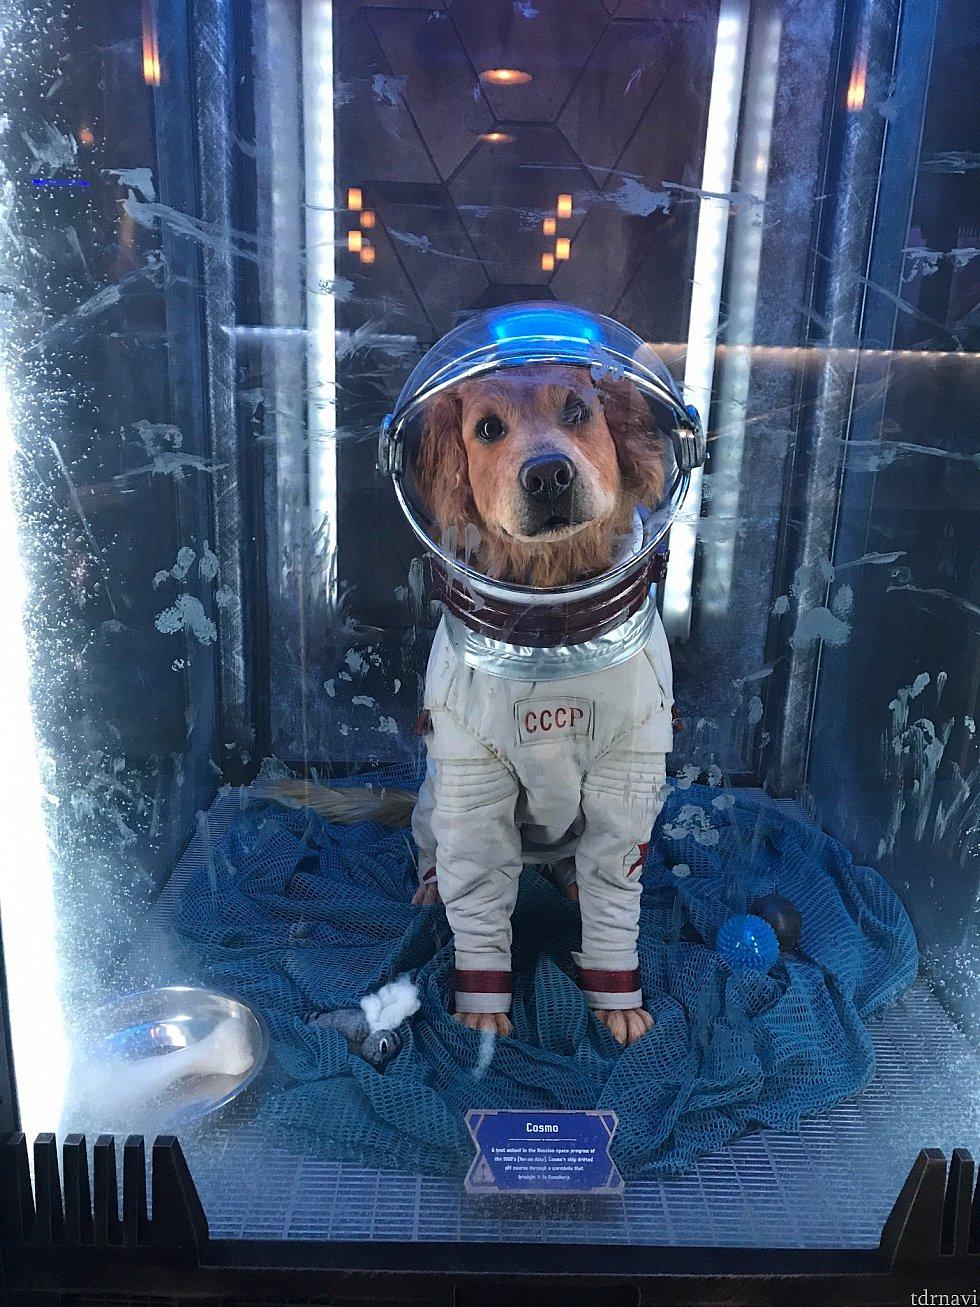 映画にも登場する宇宙犬コスモです♪動いていてかわいい♪左に飾られてるのでスタンバイに並ばないと見えないです(>_<)